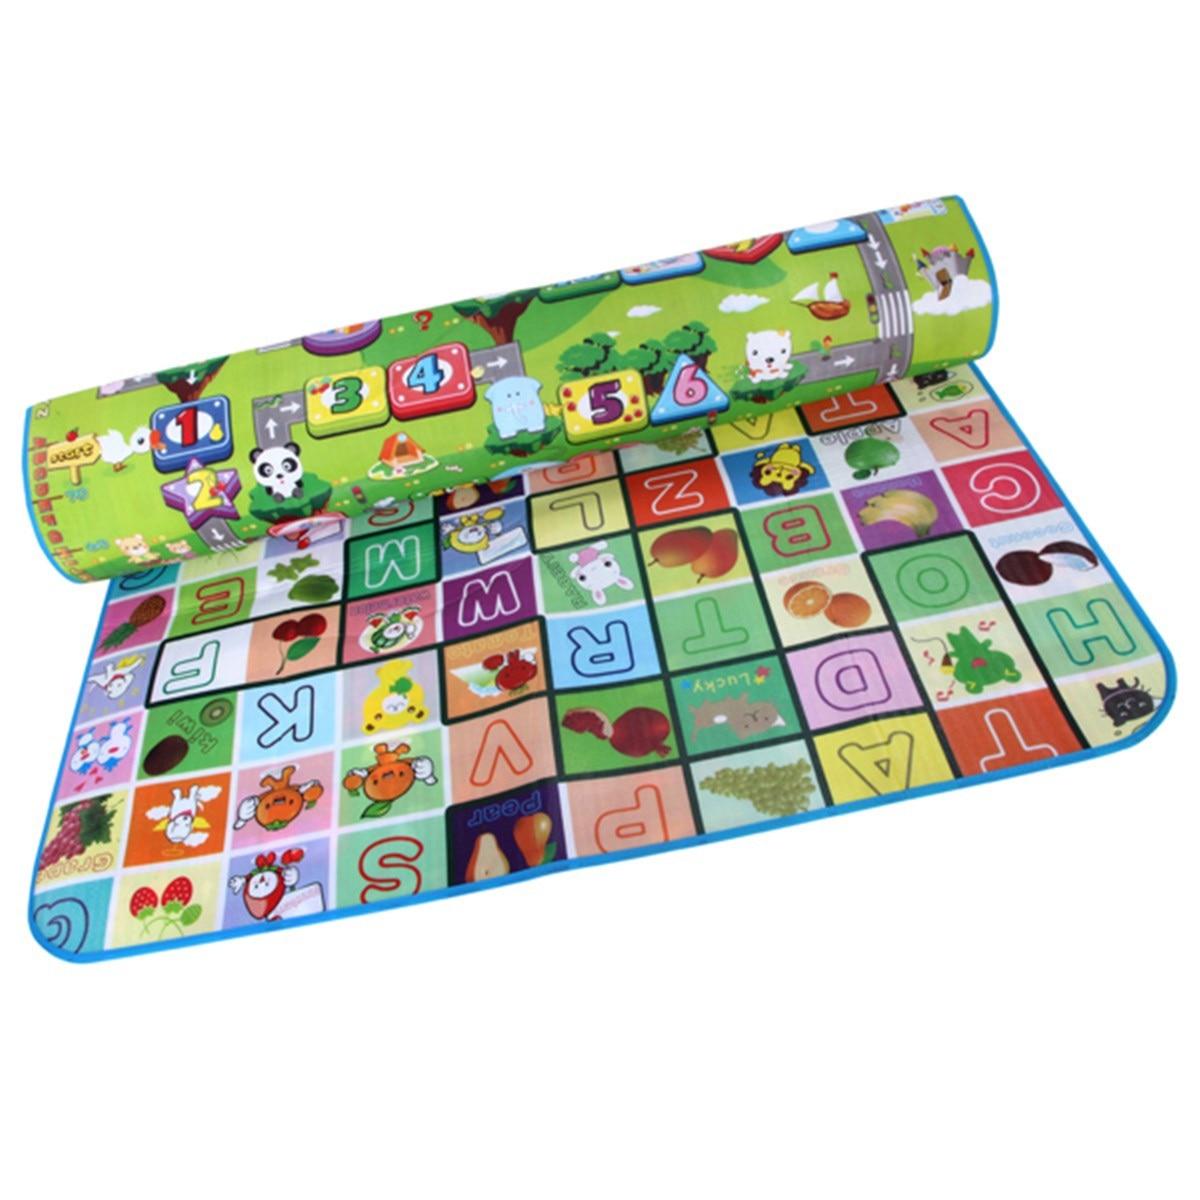 Floor mats target - 200x180cm Doulble Side Baby Play Mats Fruit Alphabet Digital Game Rugs For Children Beach Mat